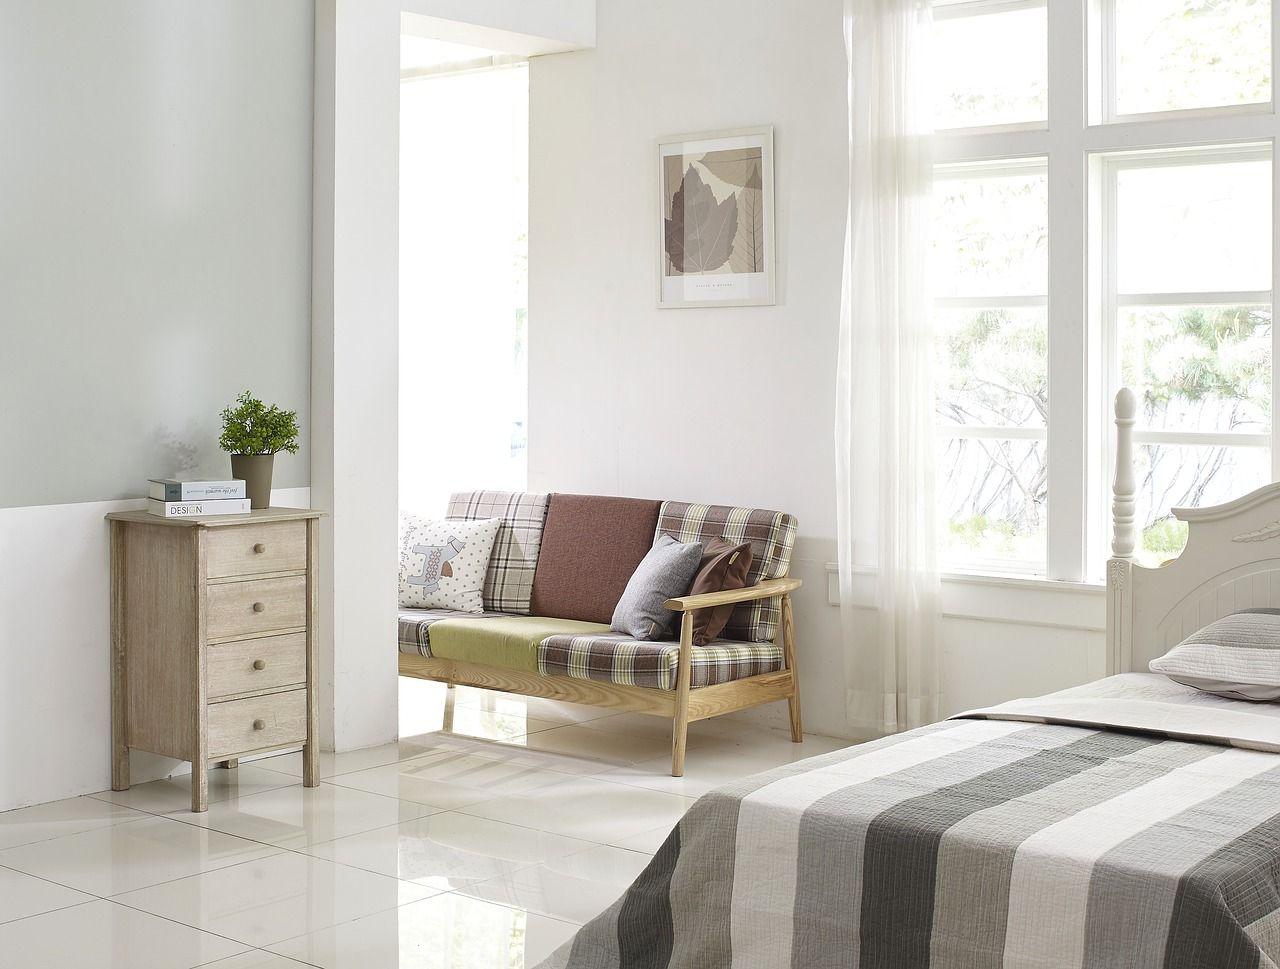 Infrarood panelen perfect voor in huis